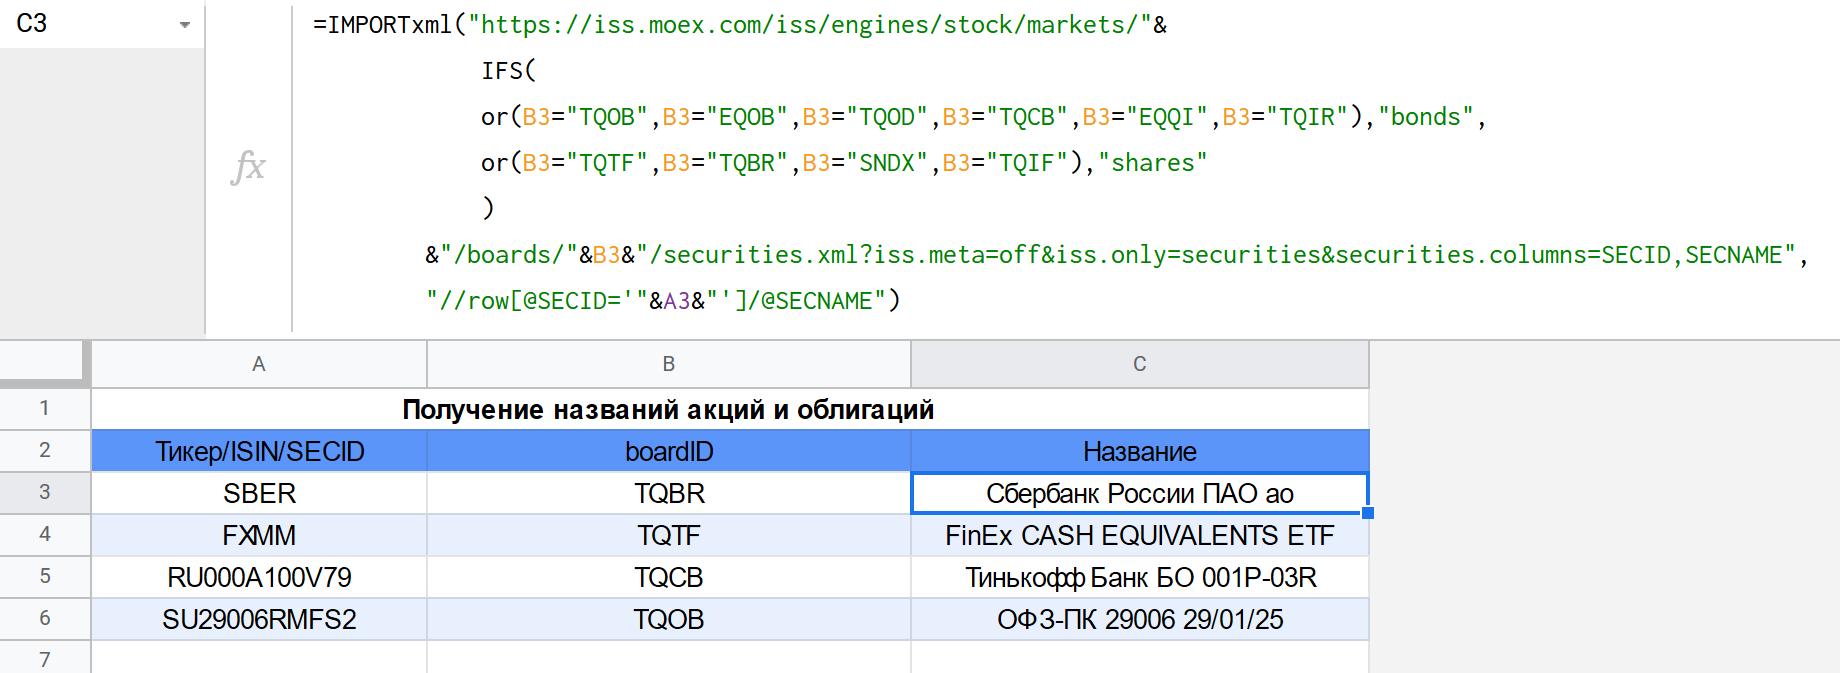 Гугл таблица с примерами автоматического получения имени для разных классов активов